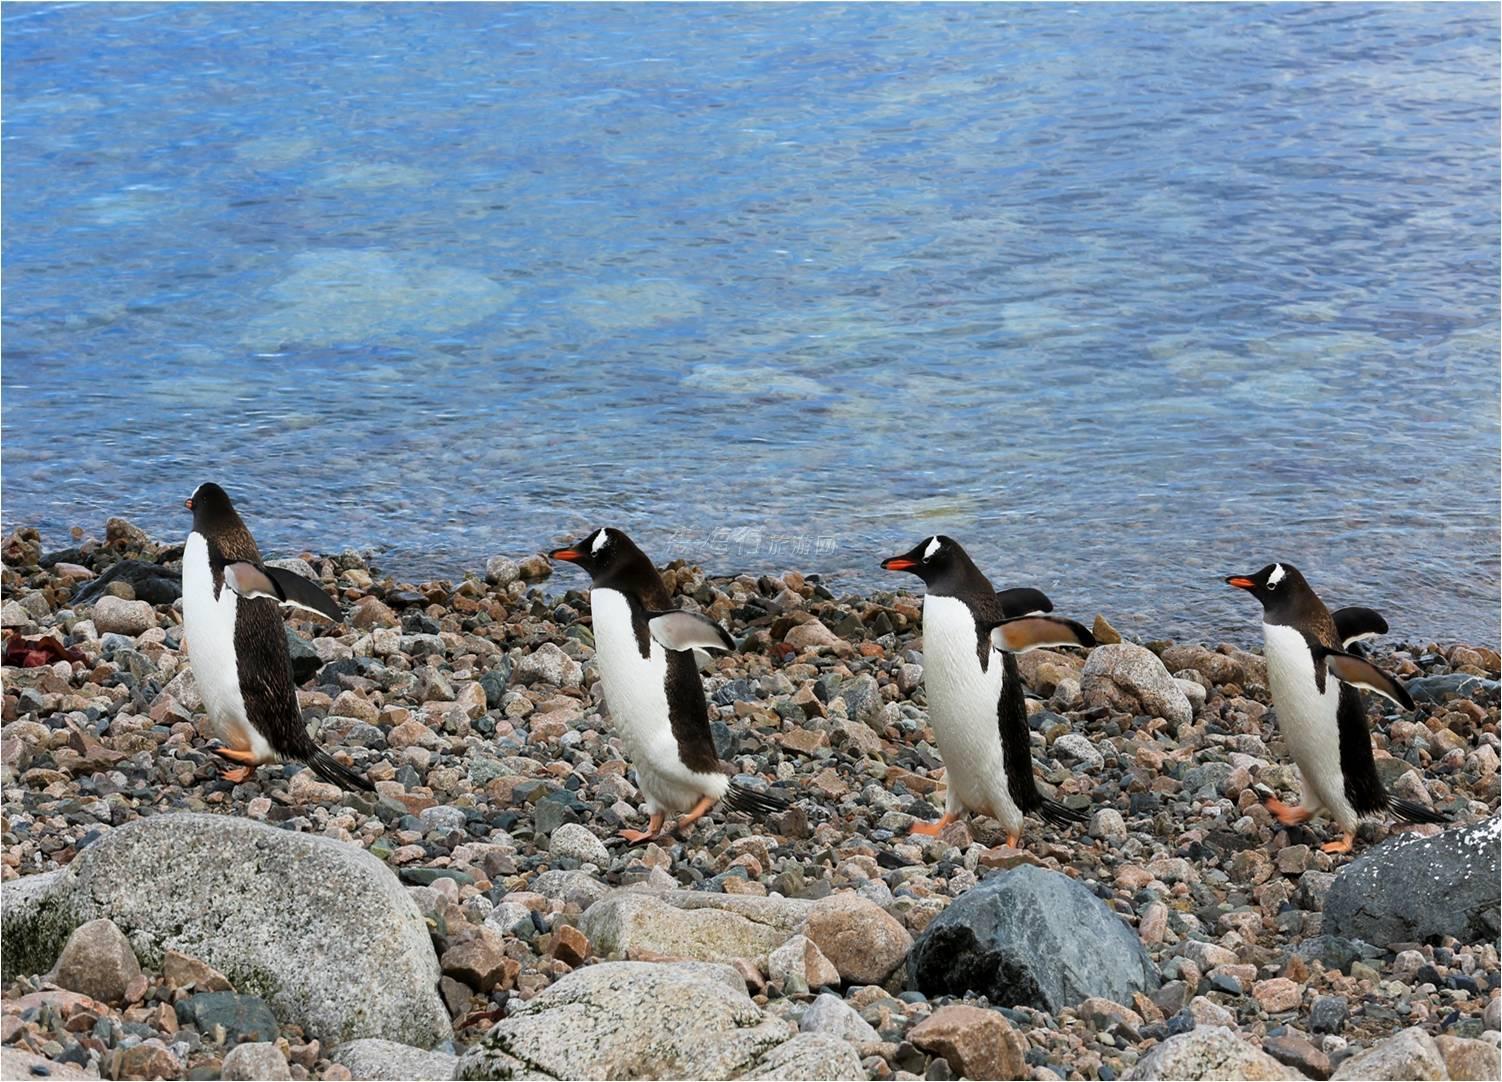 世界盡頭與您相約·阿根廷南極16天唯美之旅(2人成團)86000元/人起